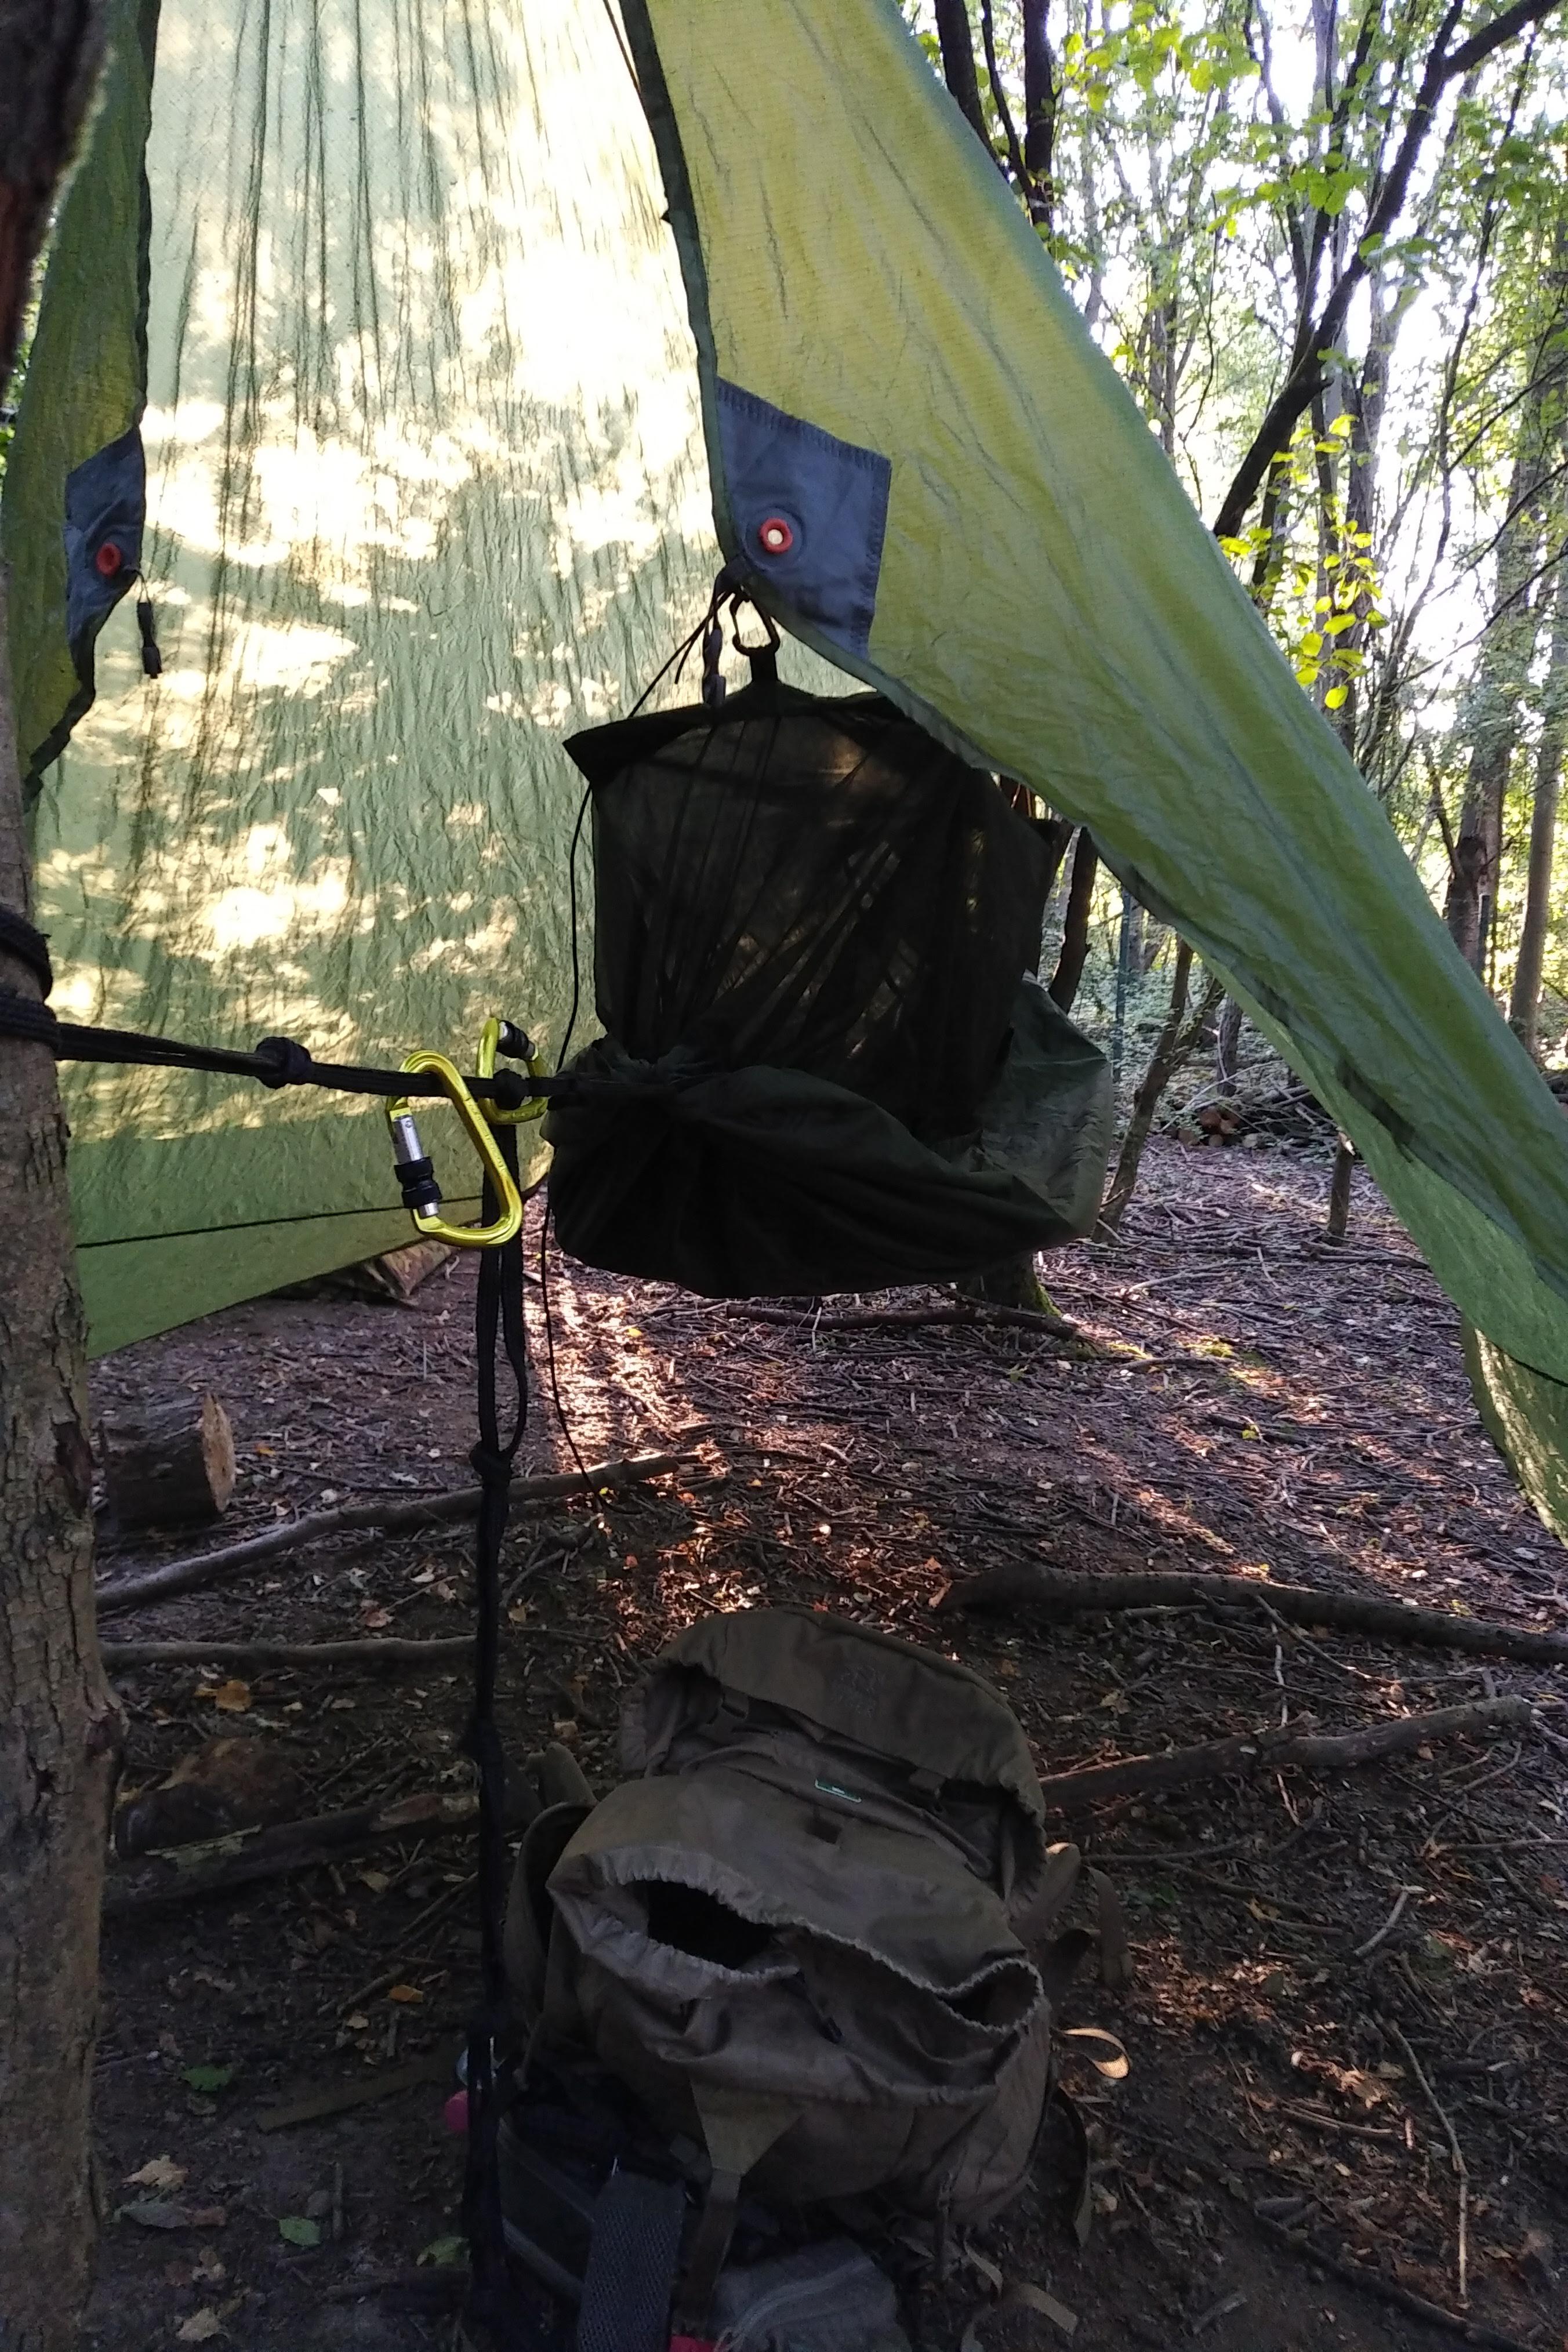 Hängemattenabenteuer - DDHammock und Vaude Wingtarp